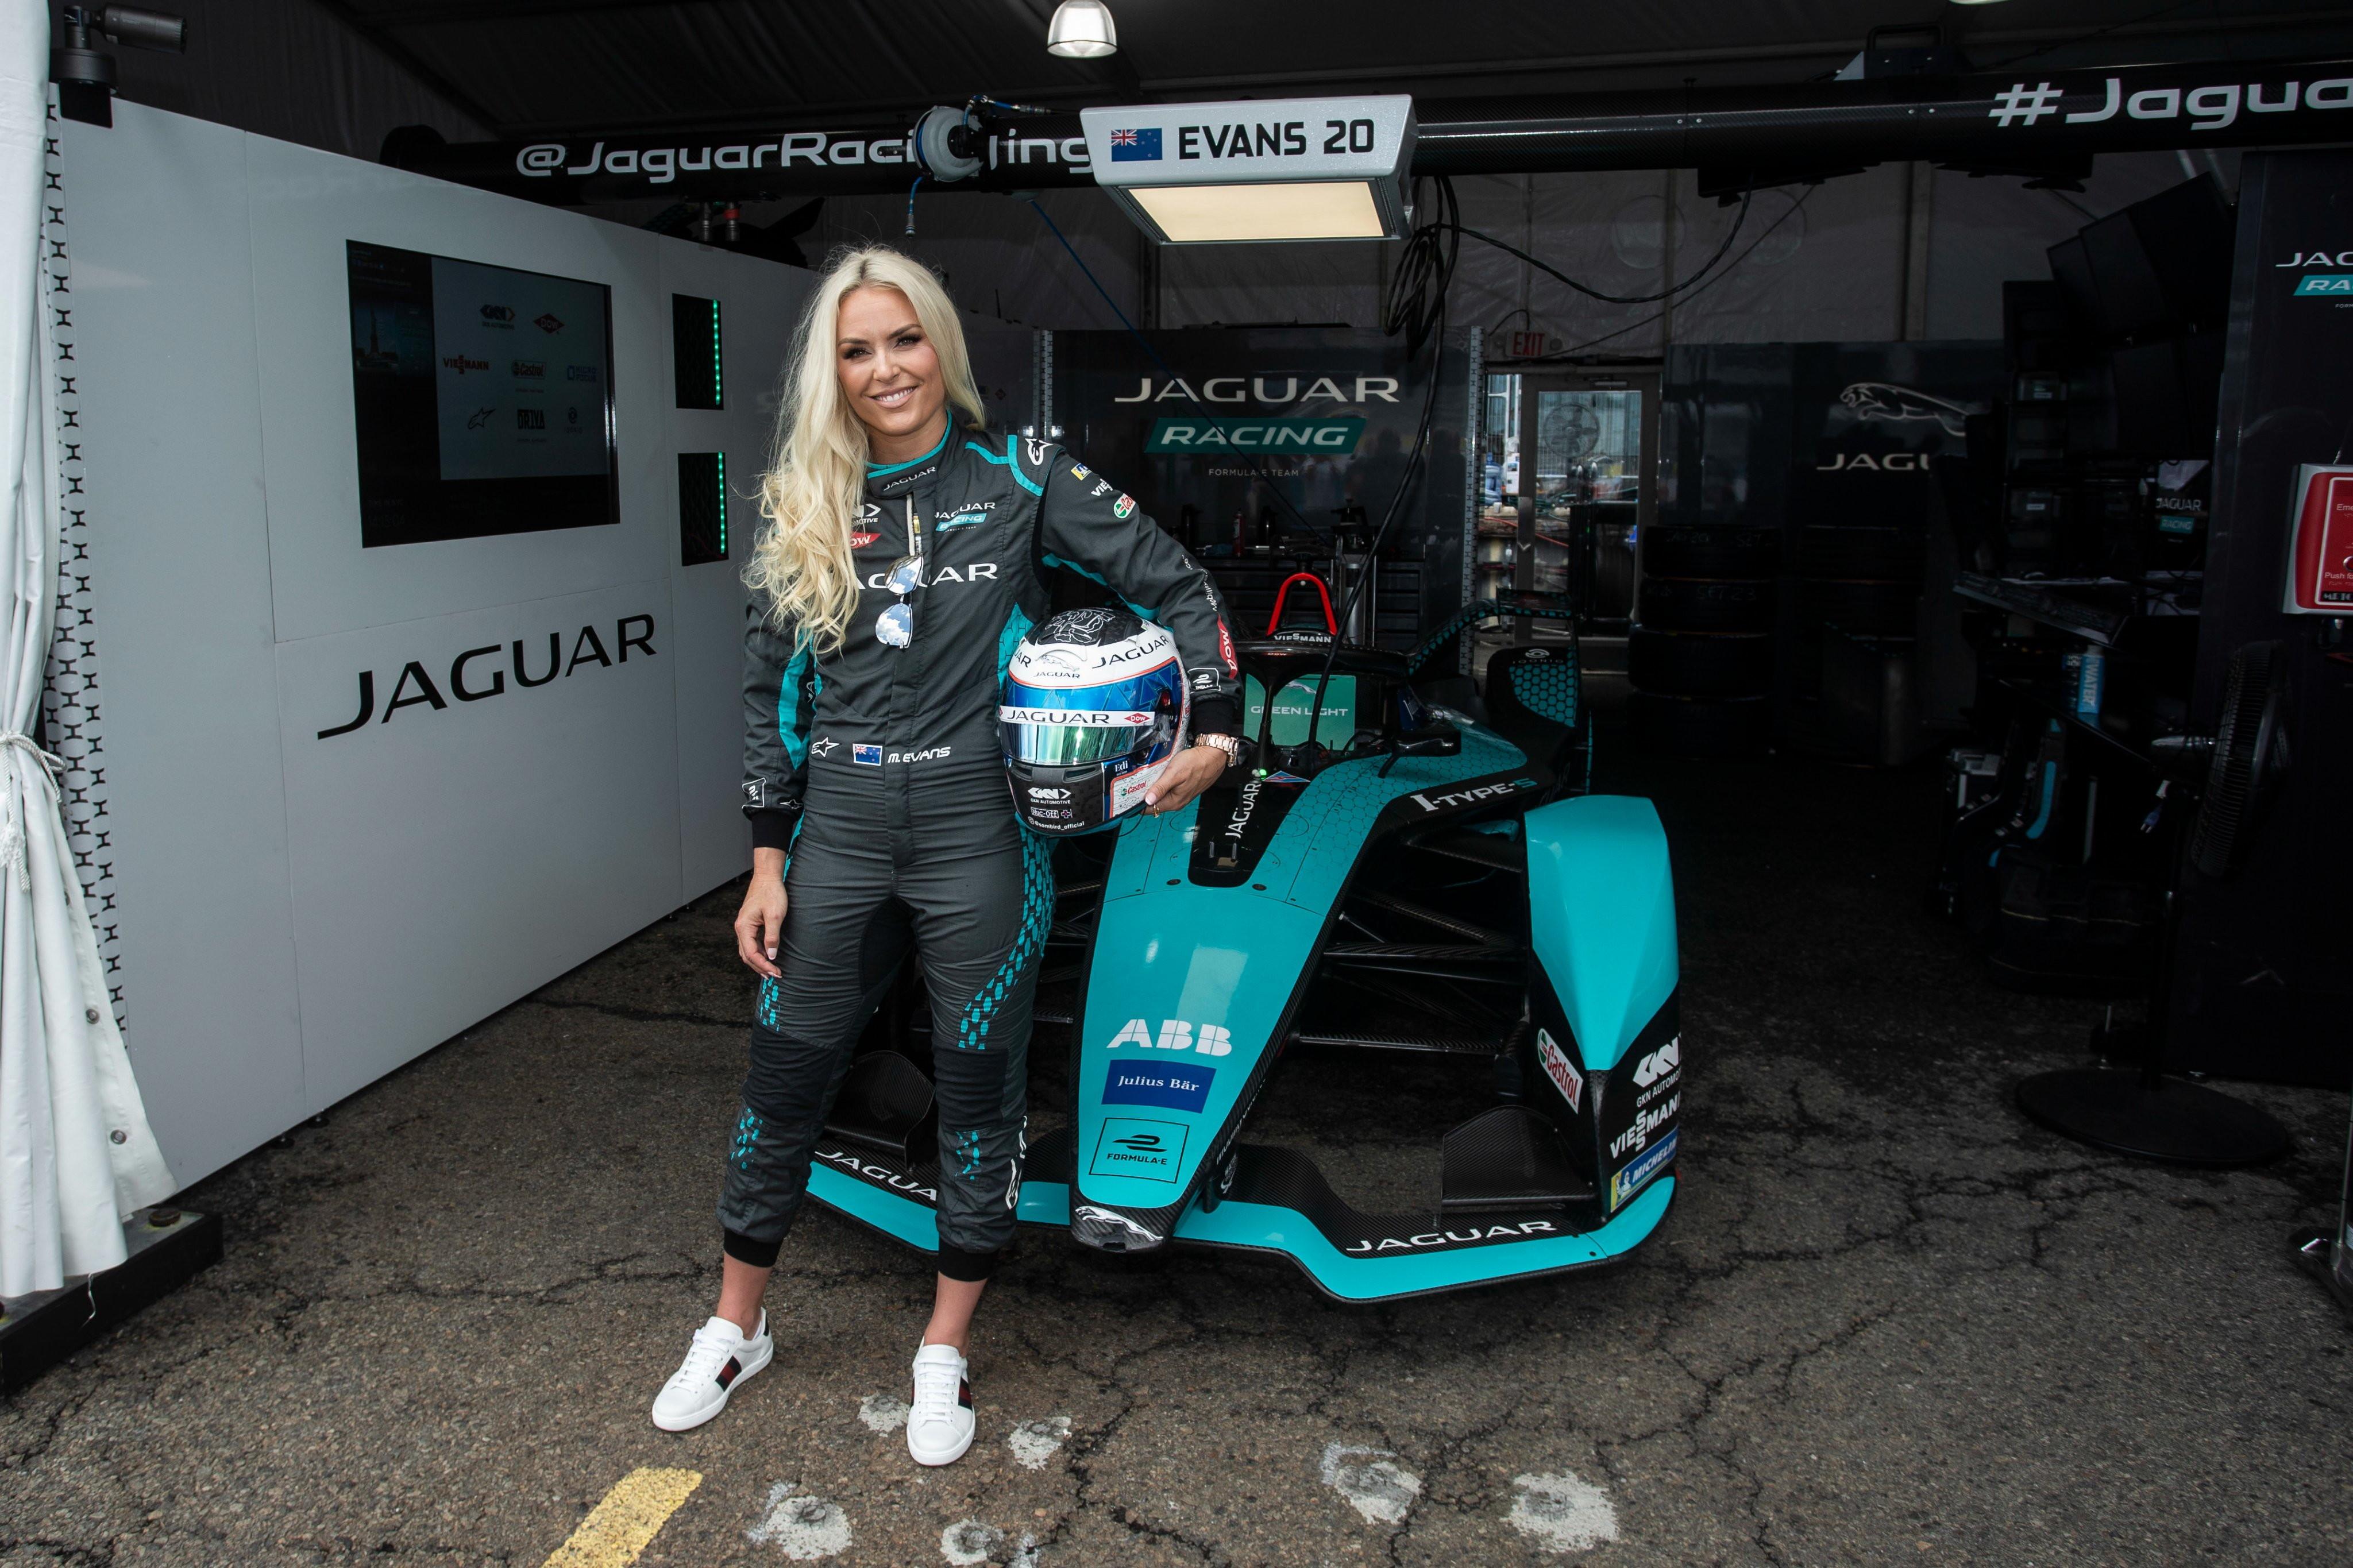 Ospite a sorpresa nei box della Jaguar Racing a New York: Lindsey Vonn. L&#39;ex sciatrice americana, quattro coppe del mondo generale e un oro olimpico, ha indossato la tuta posando di fianco alla Formula E britannica, tanto che il team ha voluto scherzare sui social: &quot;Confermato, ecco il nostro terzo pilota. Benvenuta Lindsey&quot;.<br /><br />